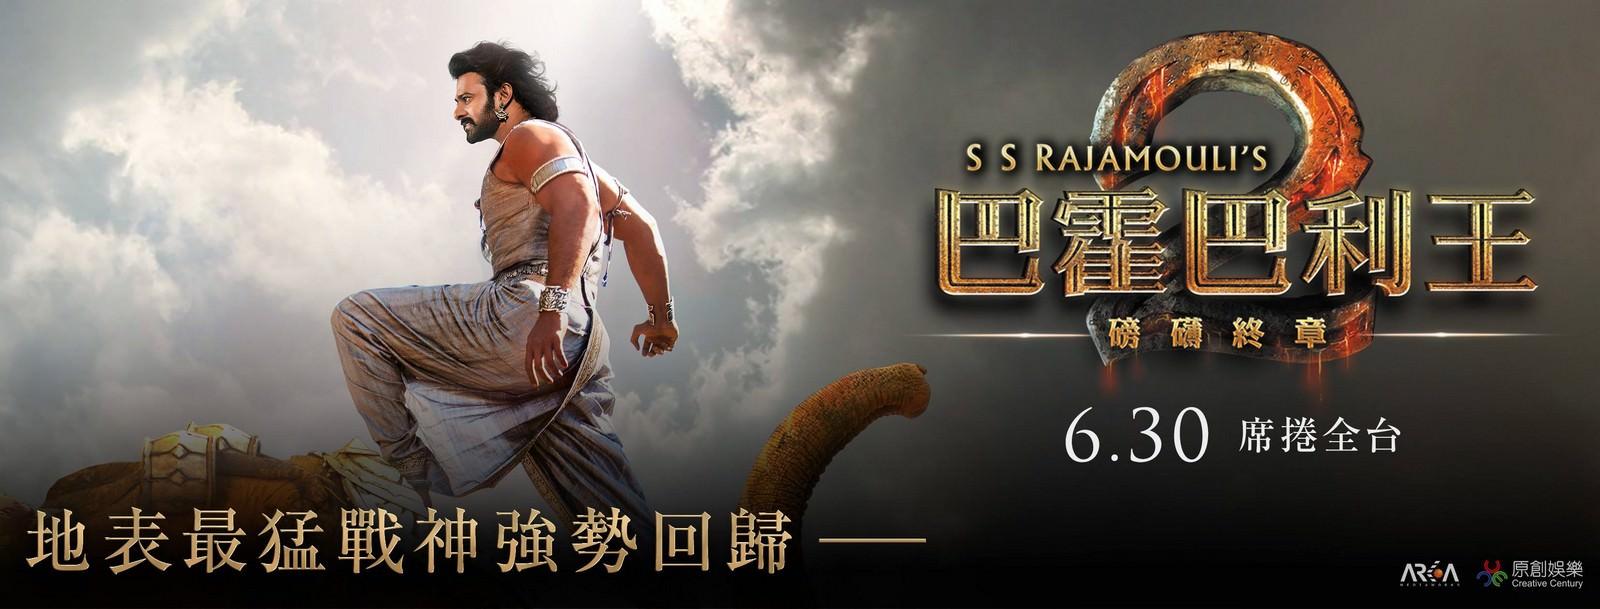 Movie, Baahubali 2: The Conclusion(印度, 2017年) / 巴霍巴利王:磅礡終章(台灣) / 巴霍巴利王(下):终结(網路), 電影海報, 台灣, 橫版